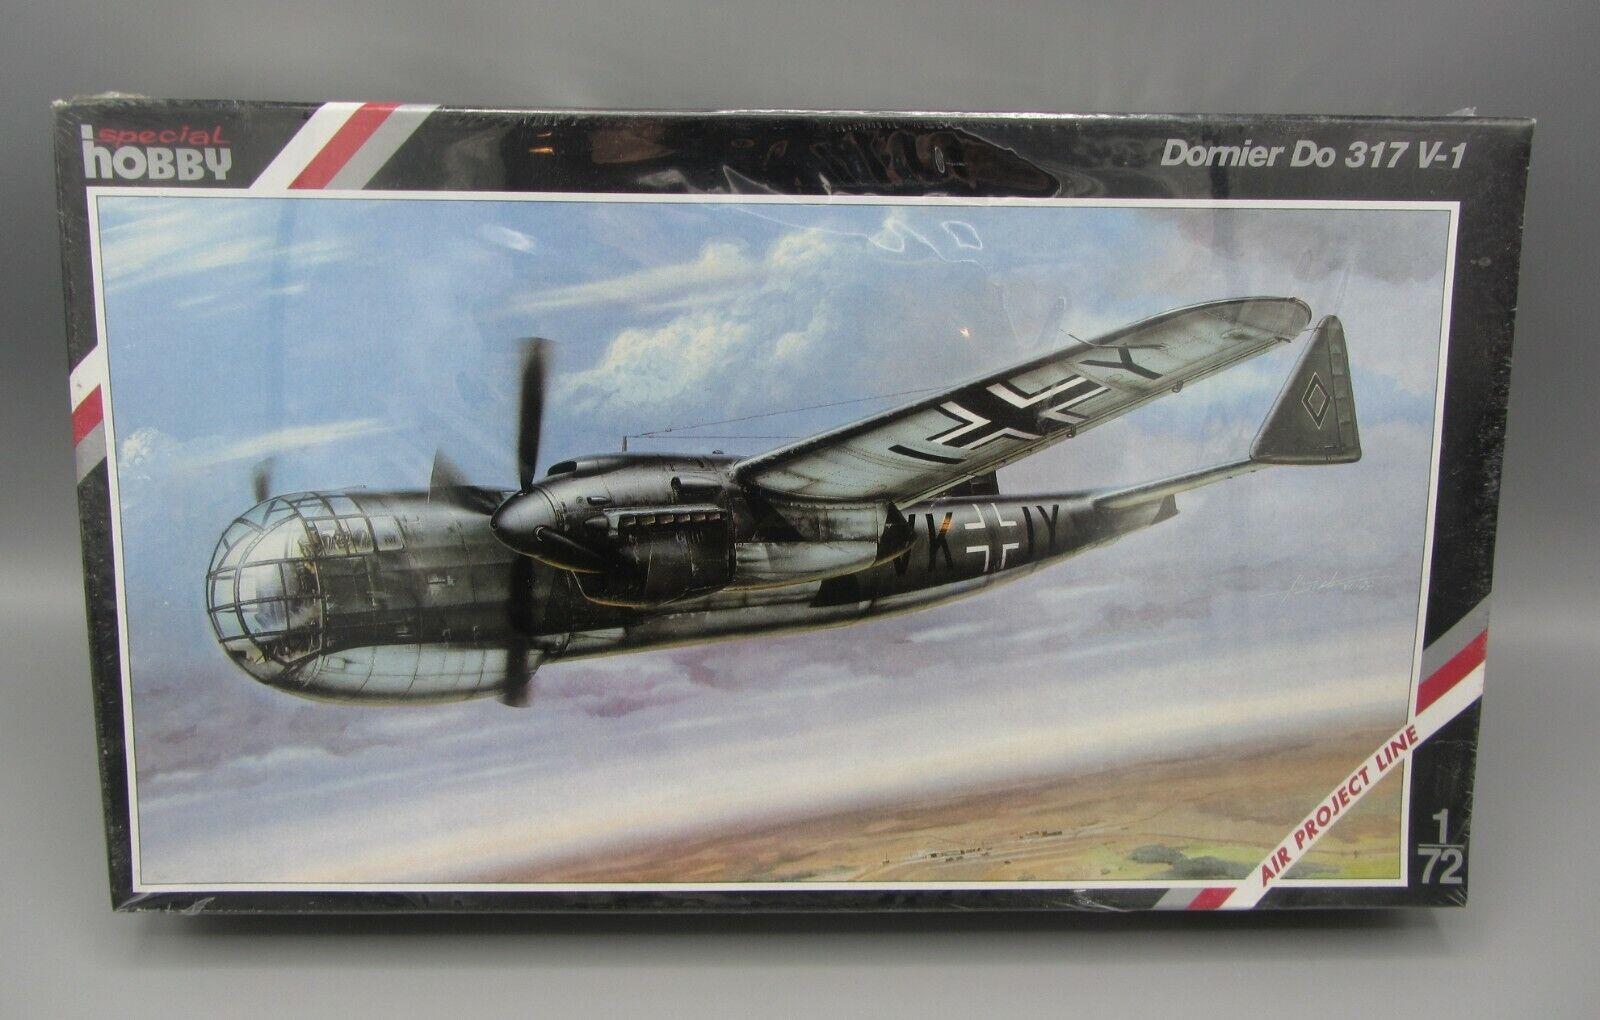 Vintage NEW NOS - Special Hobby 1 72 Dornier Do 317 V-1 Kit   SH72018 - Sealed